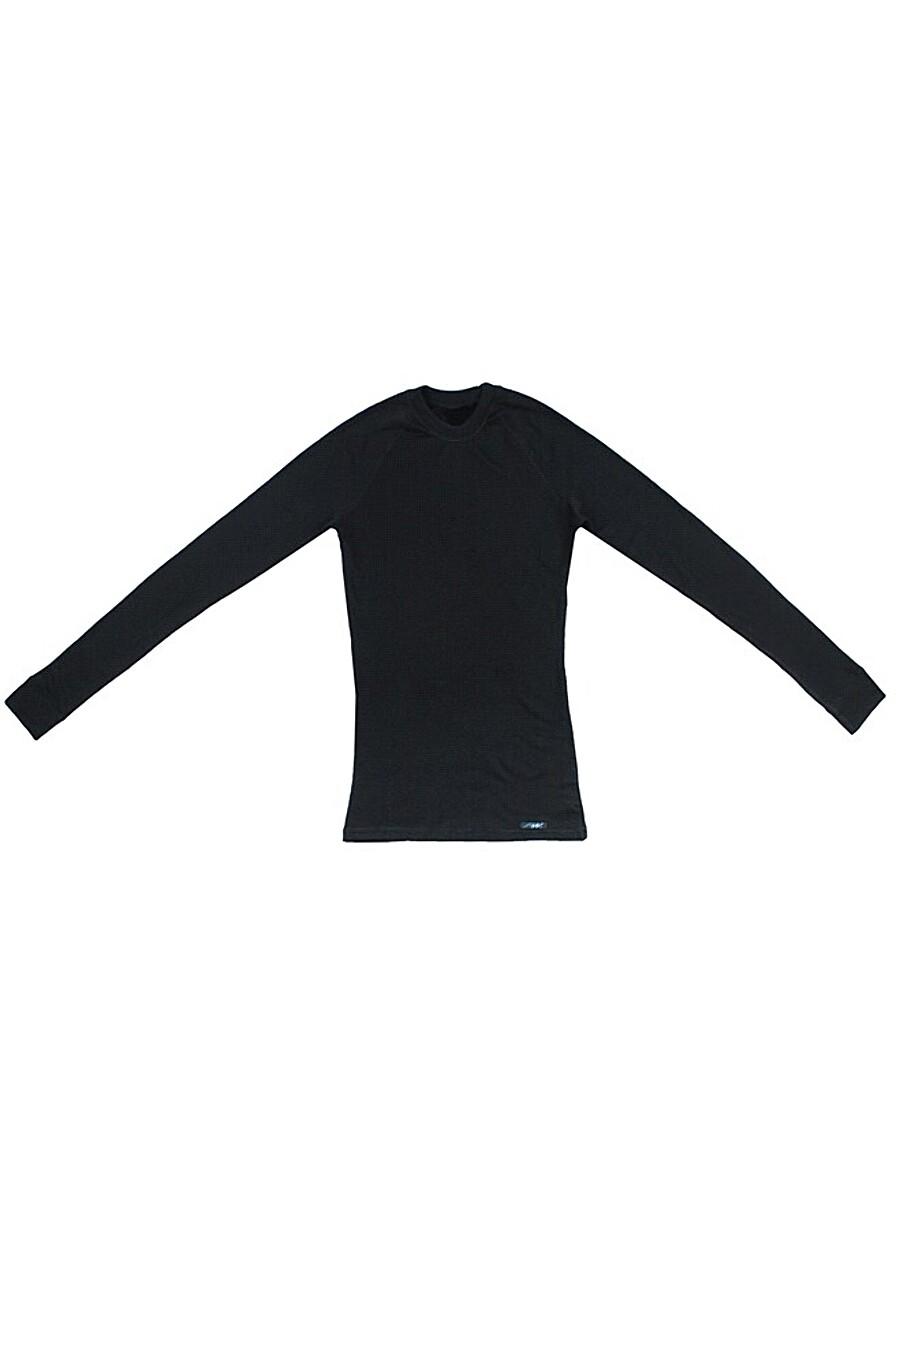 Лонгслив для мужчин АПРЕЛЬ 219396 купить оптом от производителя. Совместная покупка мужской одежды в OptMoyo